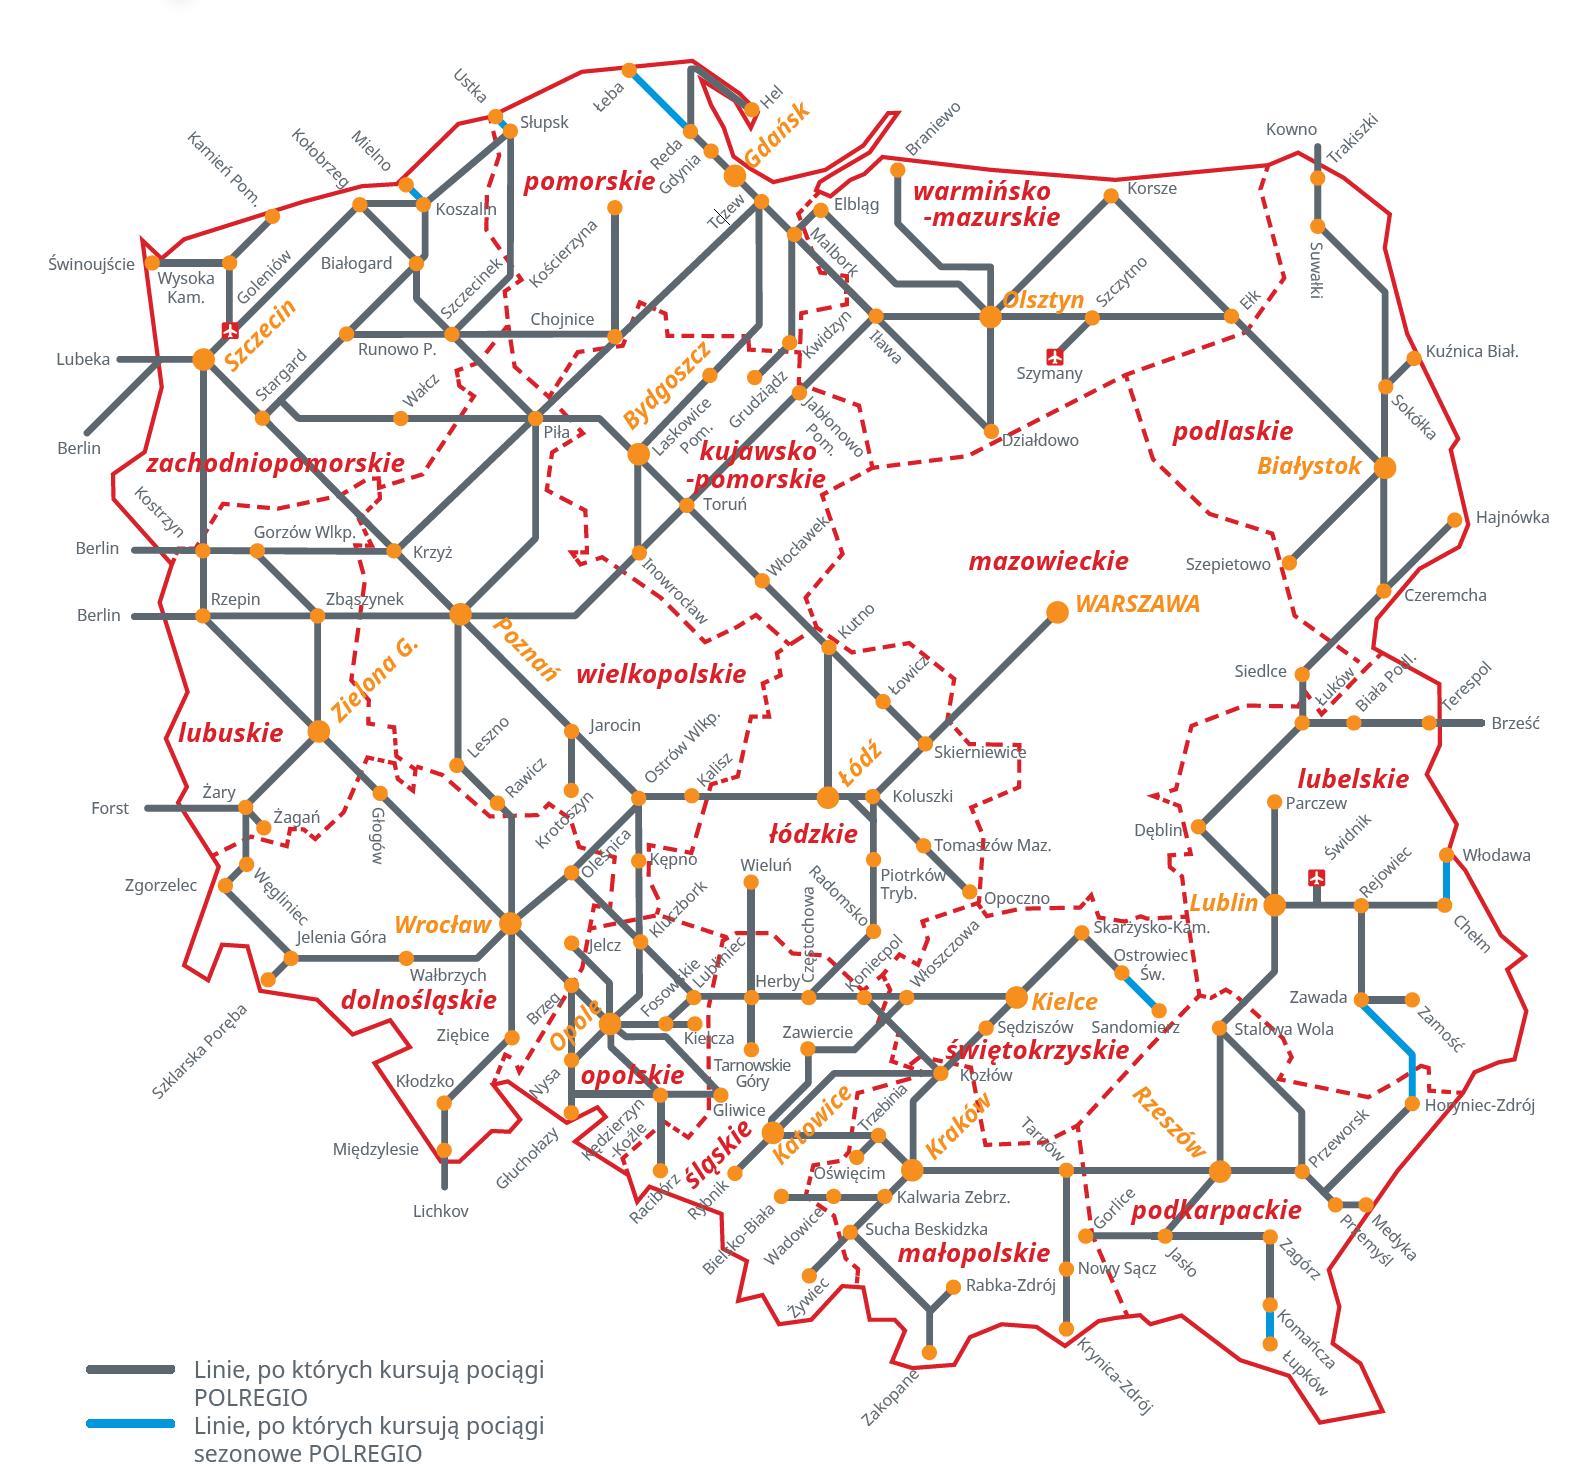 polregio-mapapolaczen1-1583x1473px